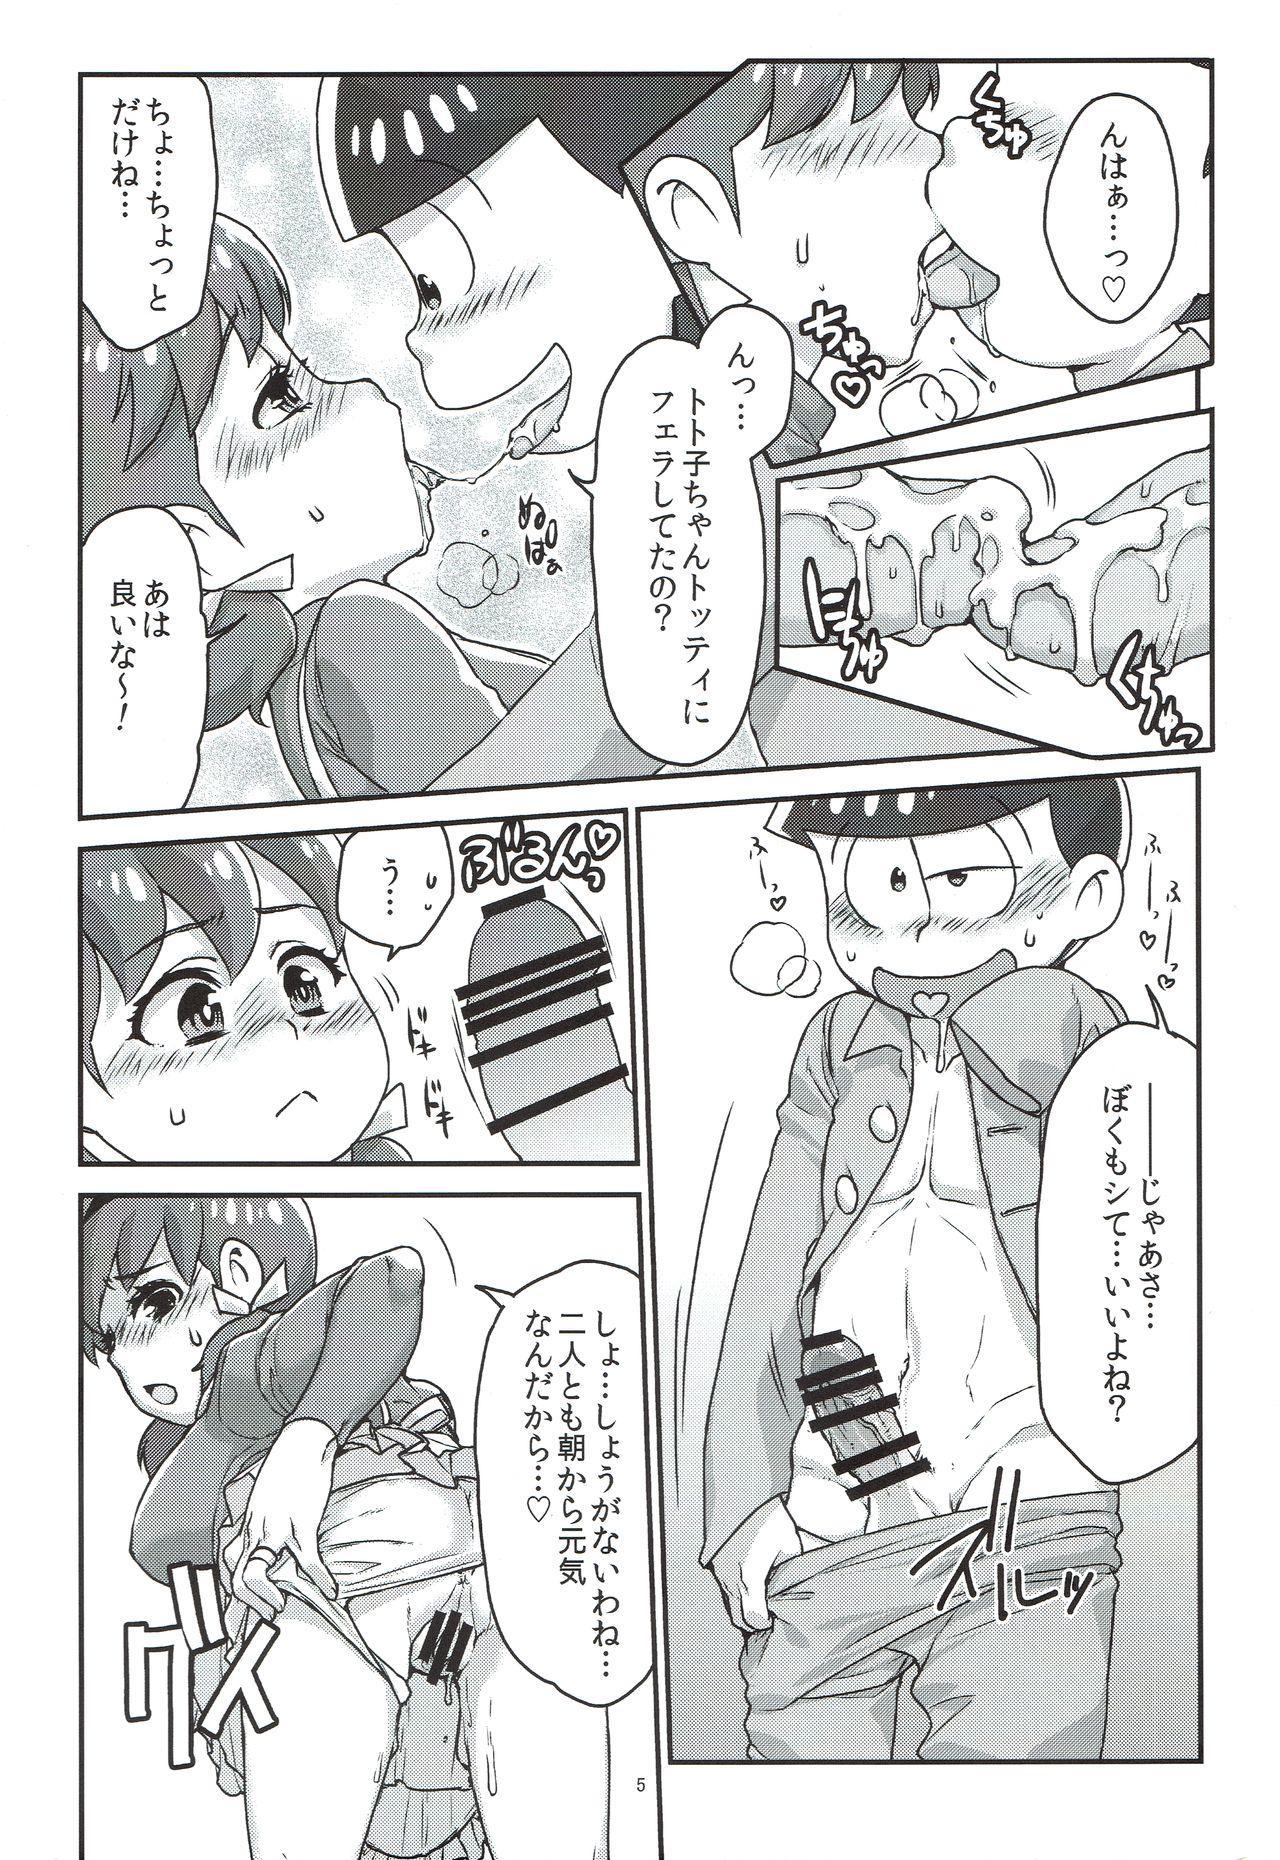 Mutsugo to Totoko-chan no Juukon Seikatsu 5